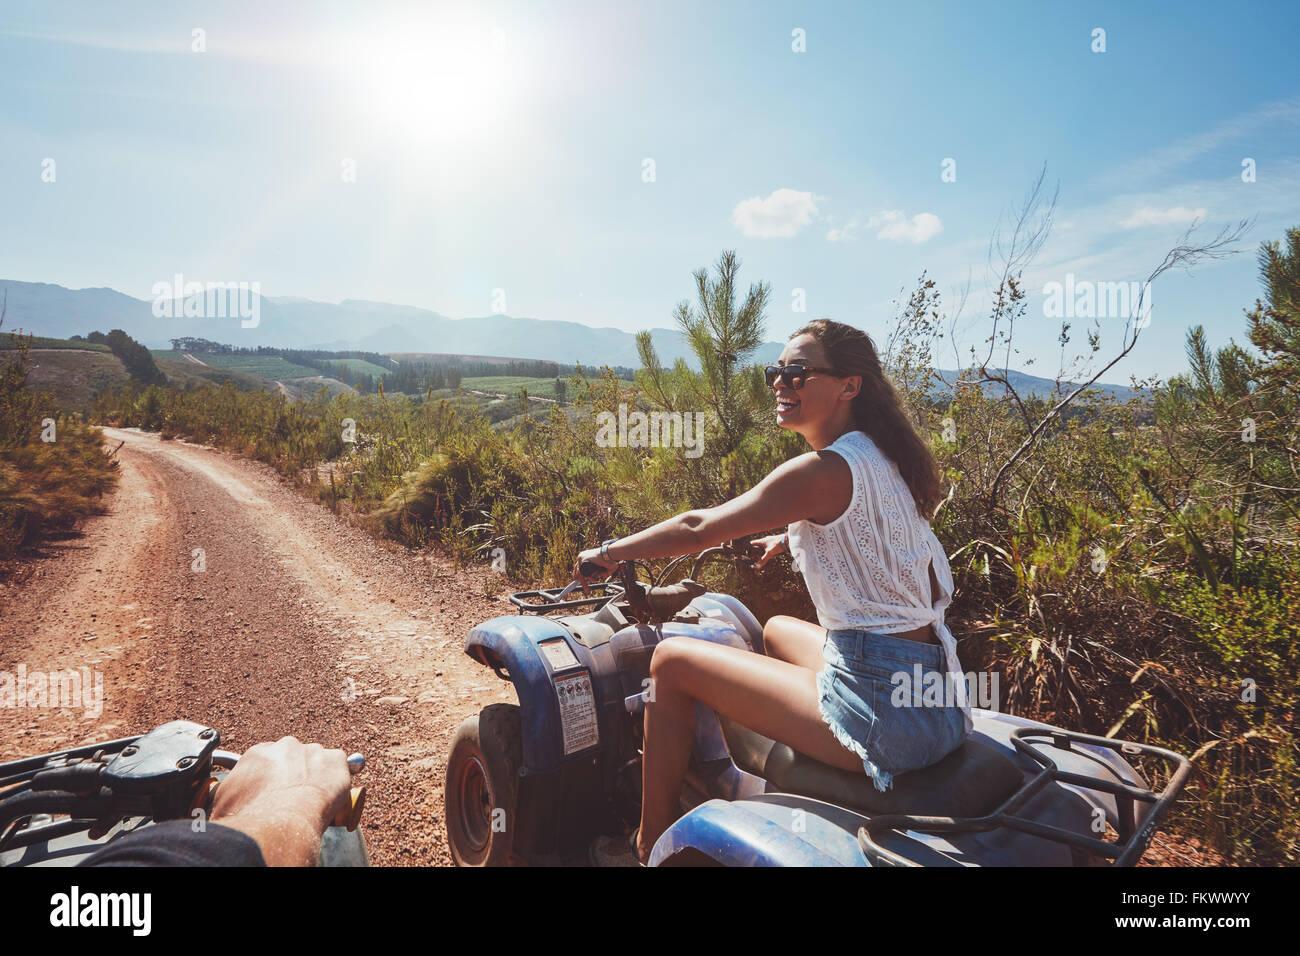 Giovane donna su quad bike su un sentiero. Giovane donna alla guida di veicolo fuoristrada in natura in una giornata Immagini Stock